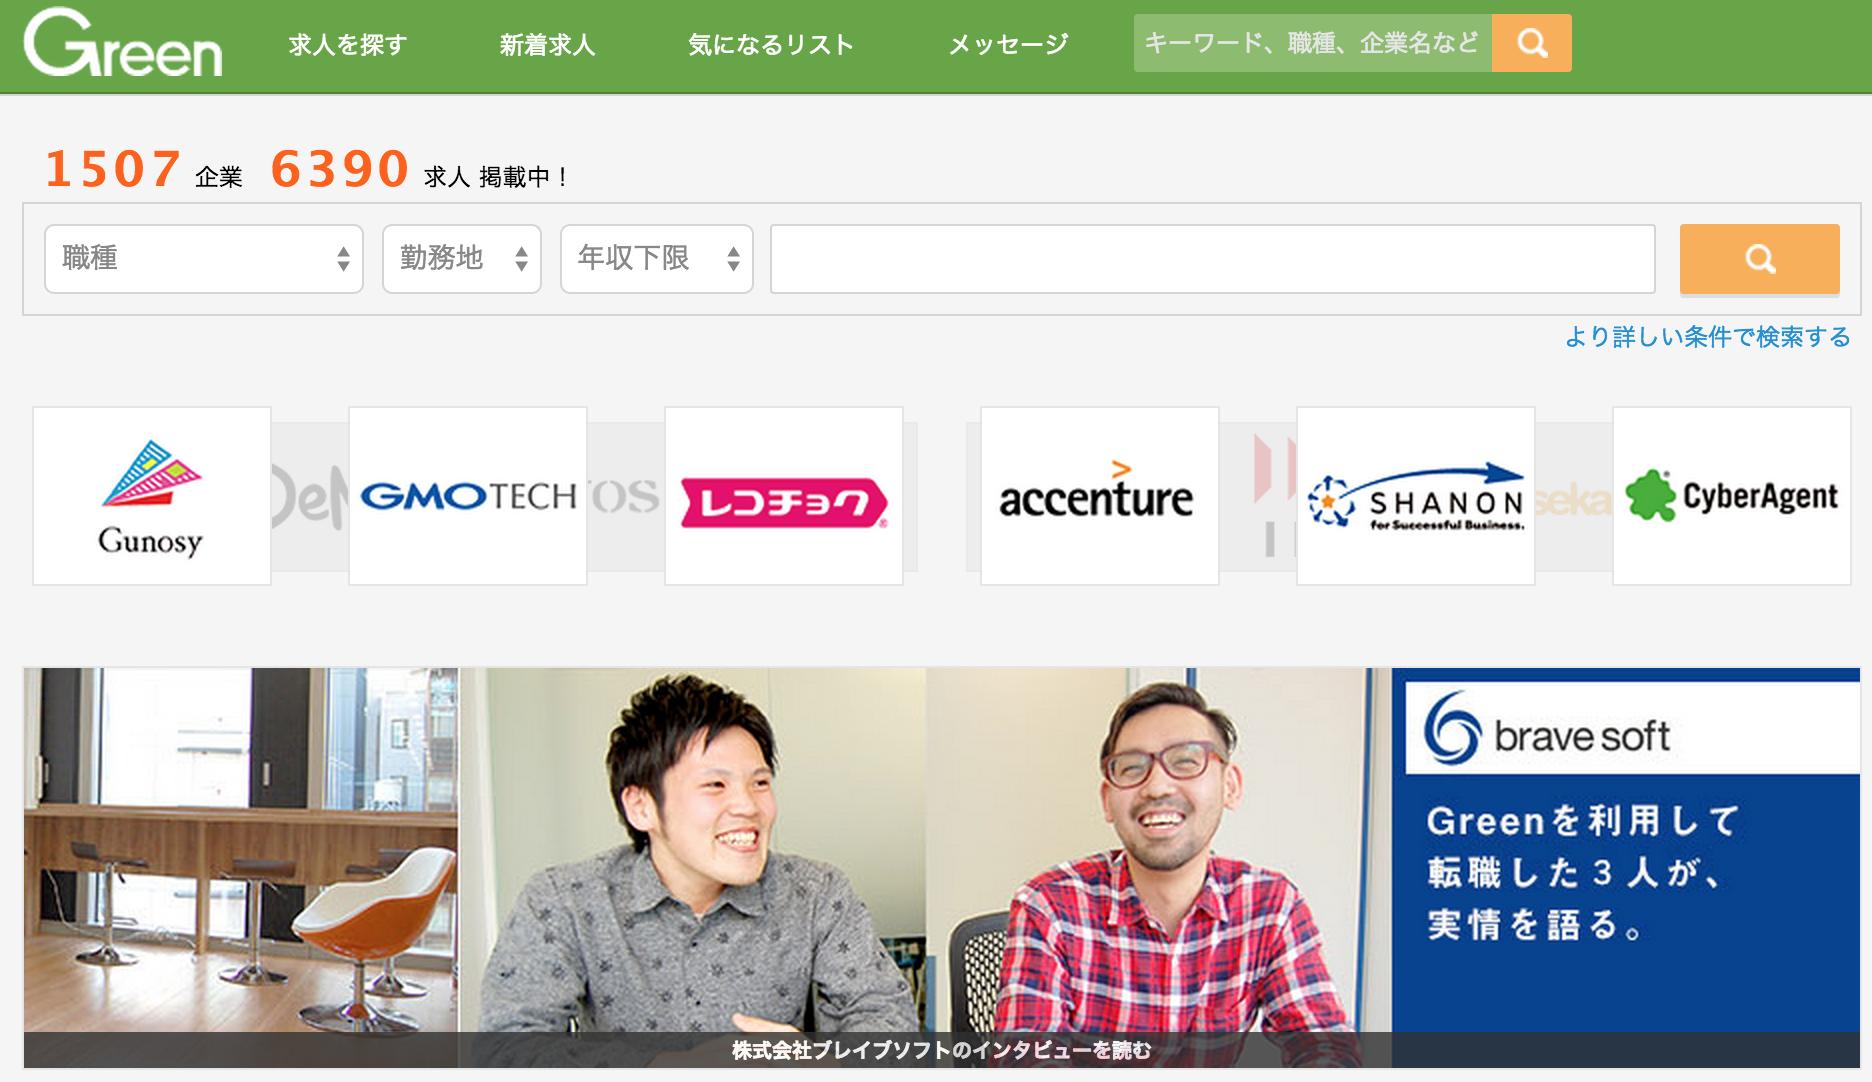 スクリーンショット 2015-09-22 0.46.55